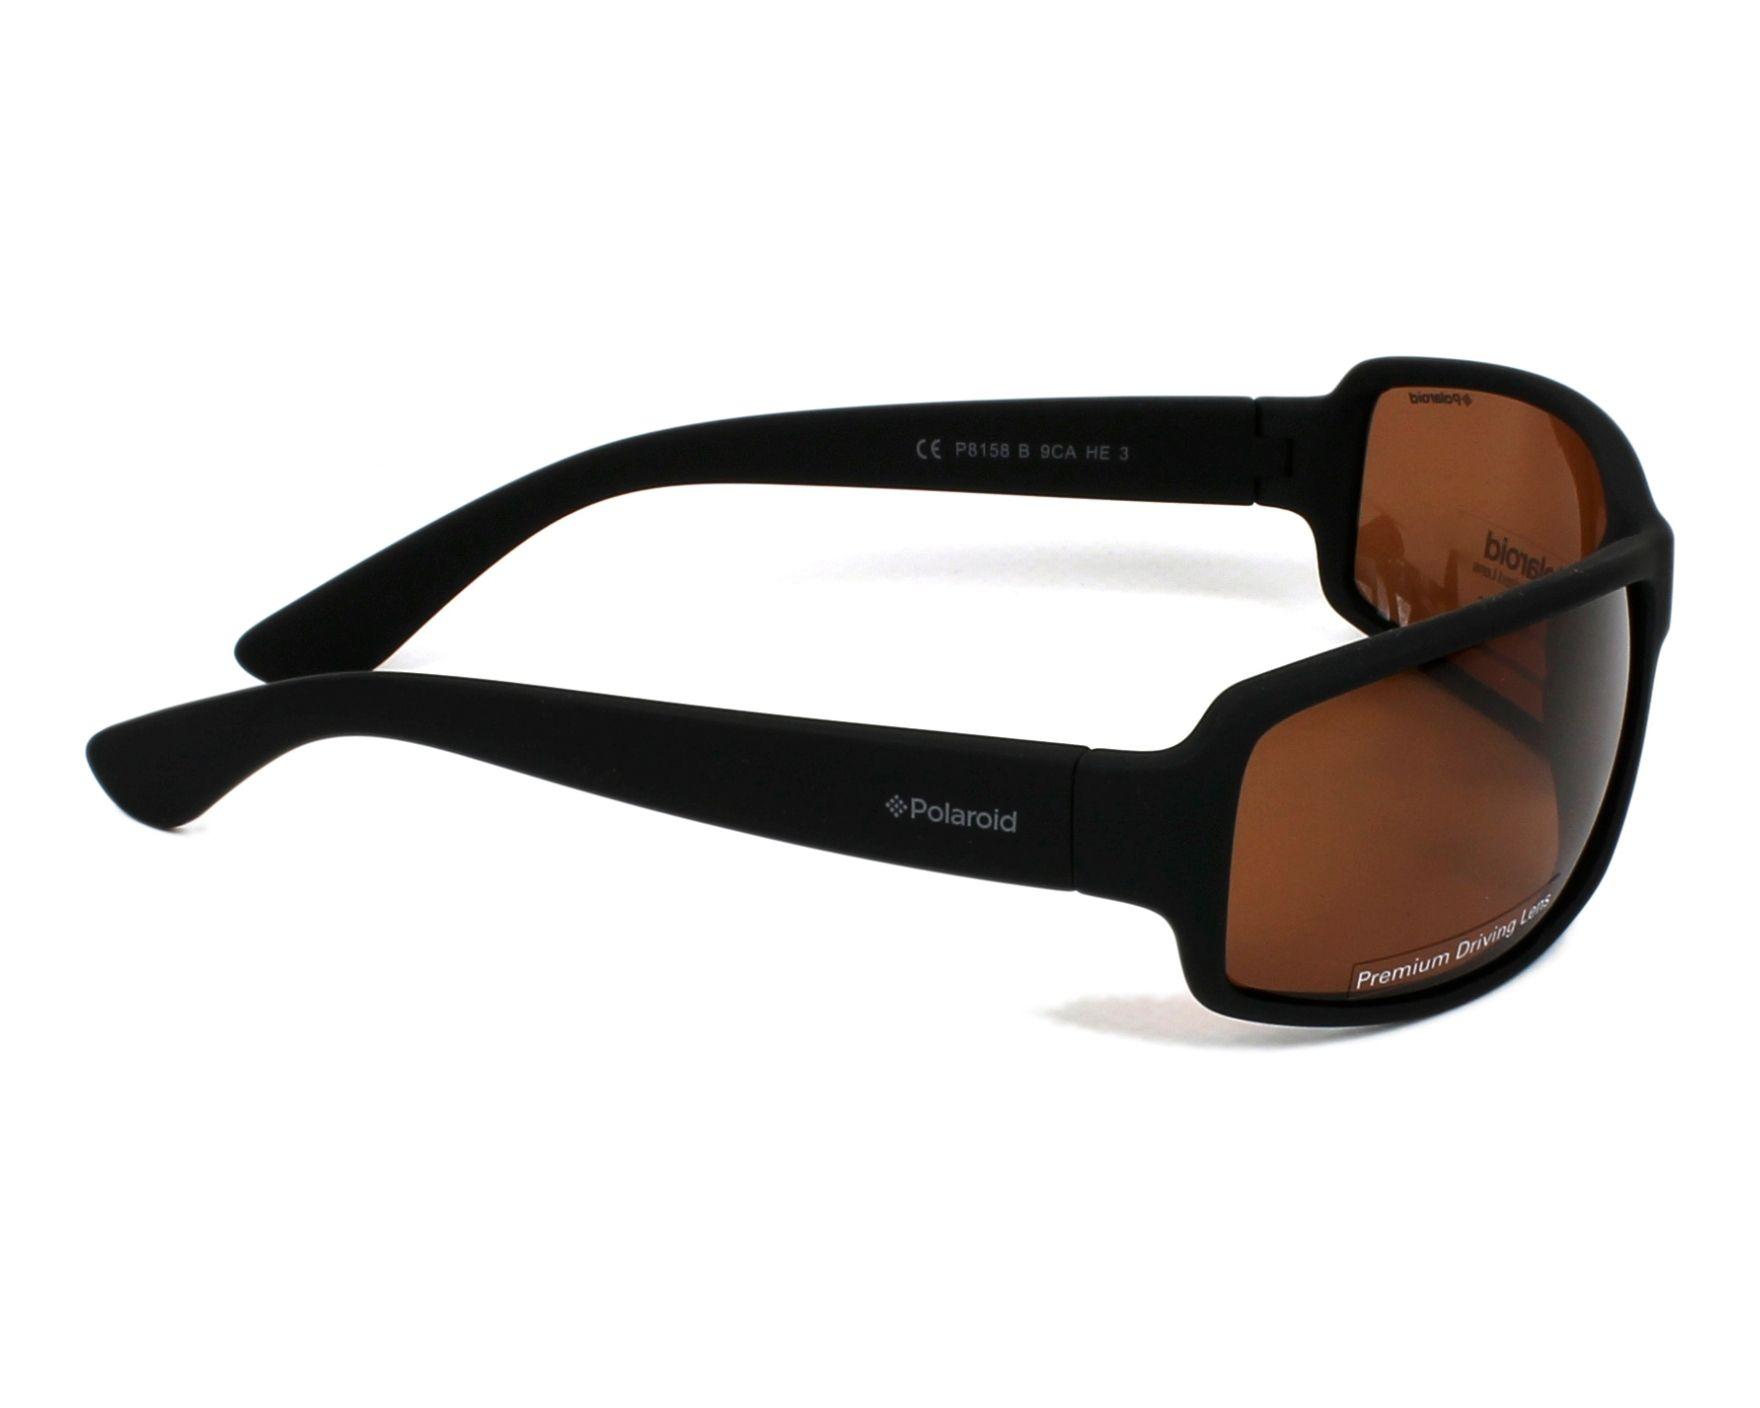 92eb0d69de7 thumbnail Sunglasses Polaroid P-8158-B 9CA HE - Black side view